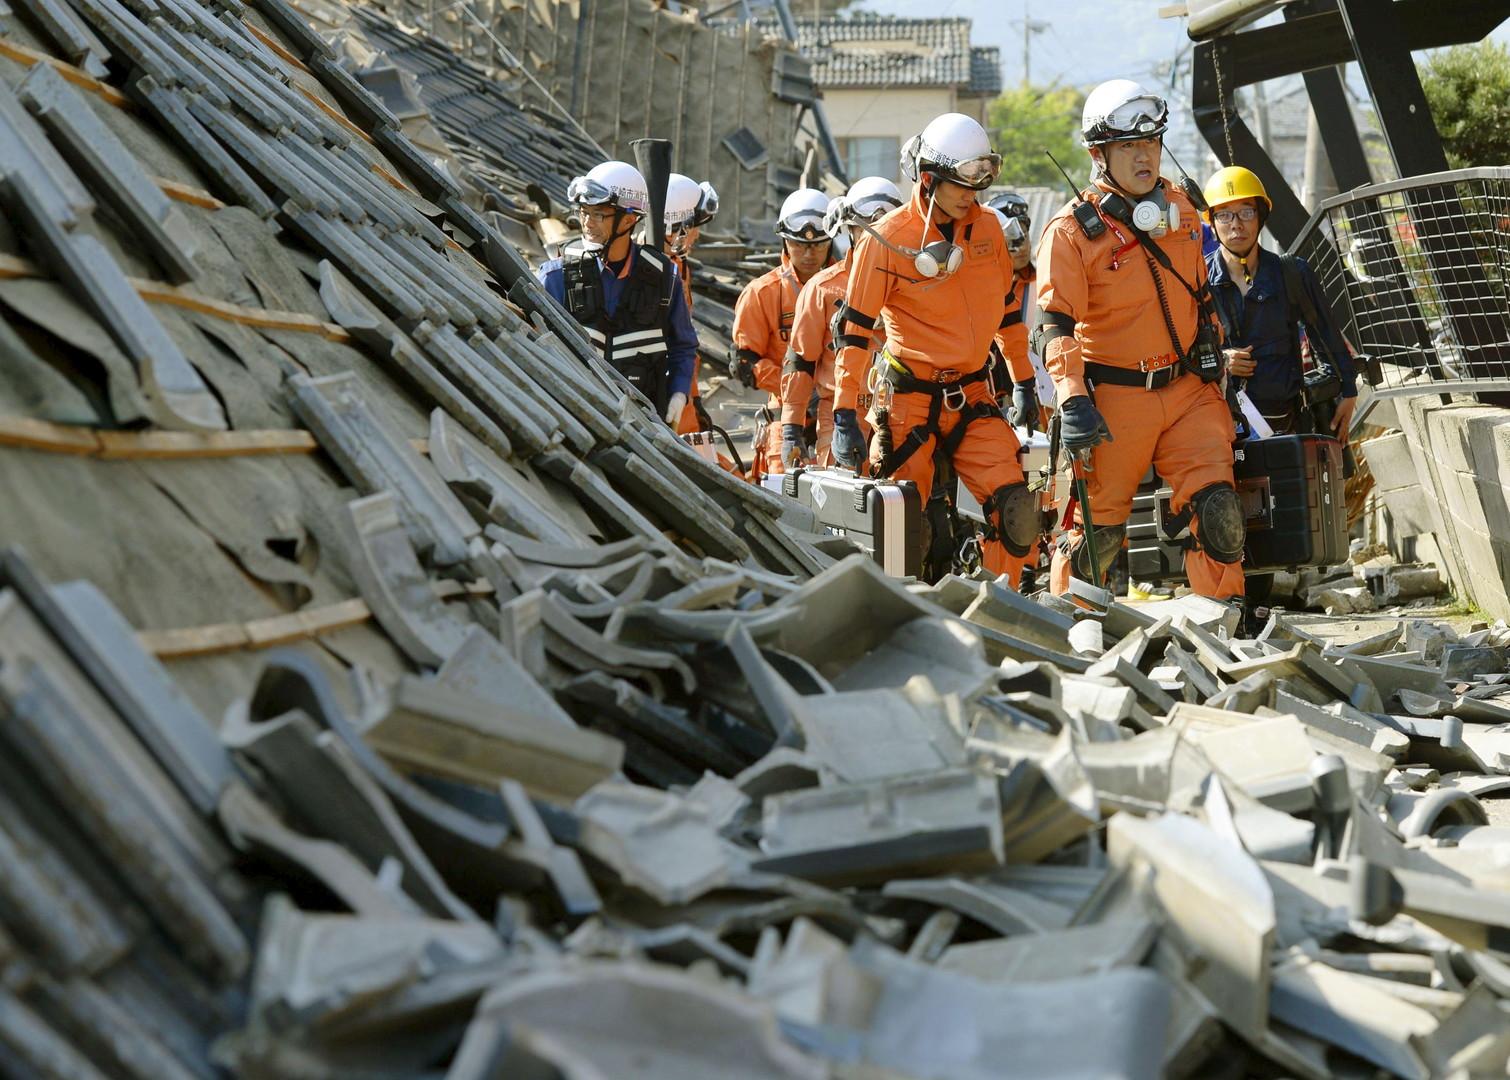 Les pompiers sont en première ligne pour combattre les nombreux incendies provoqués par les tremblements de terre à répétition